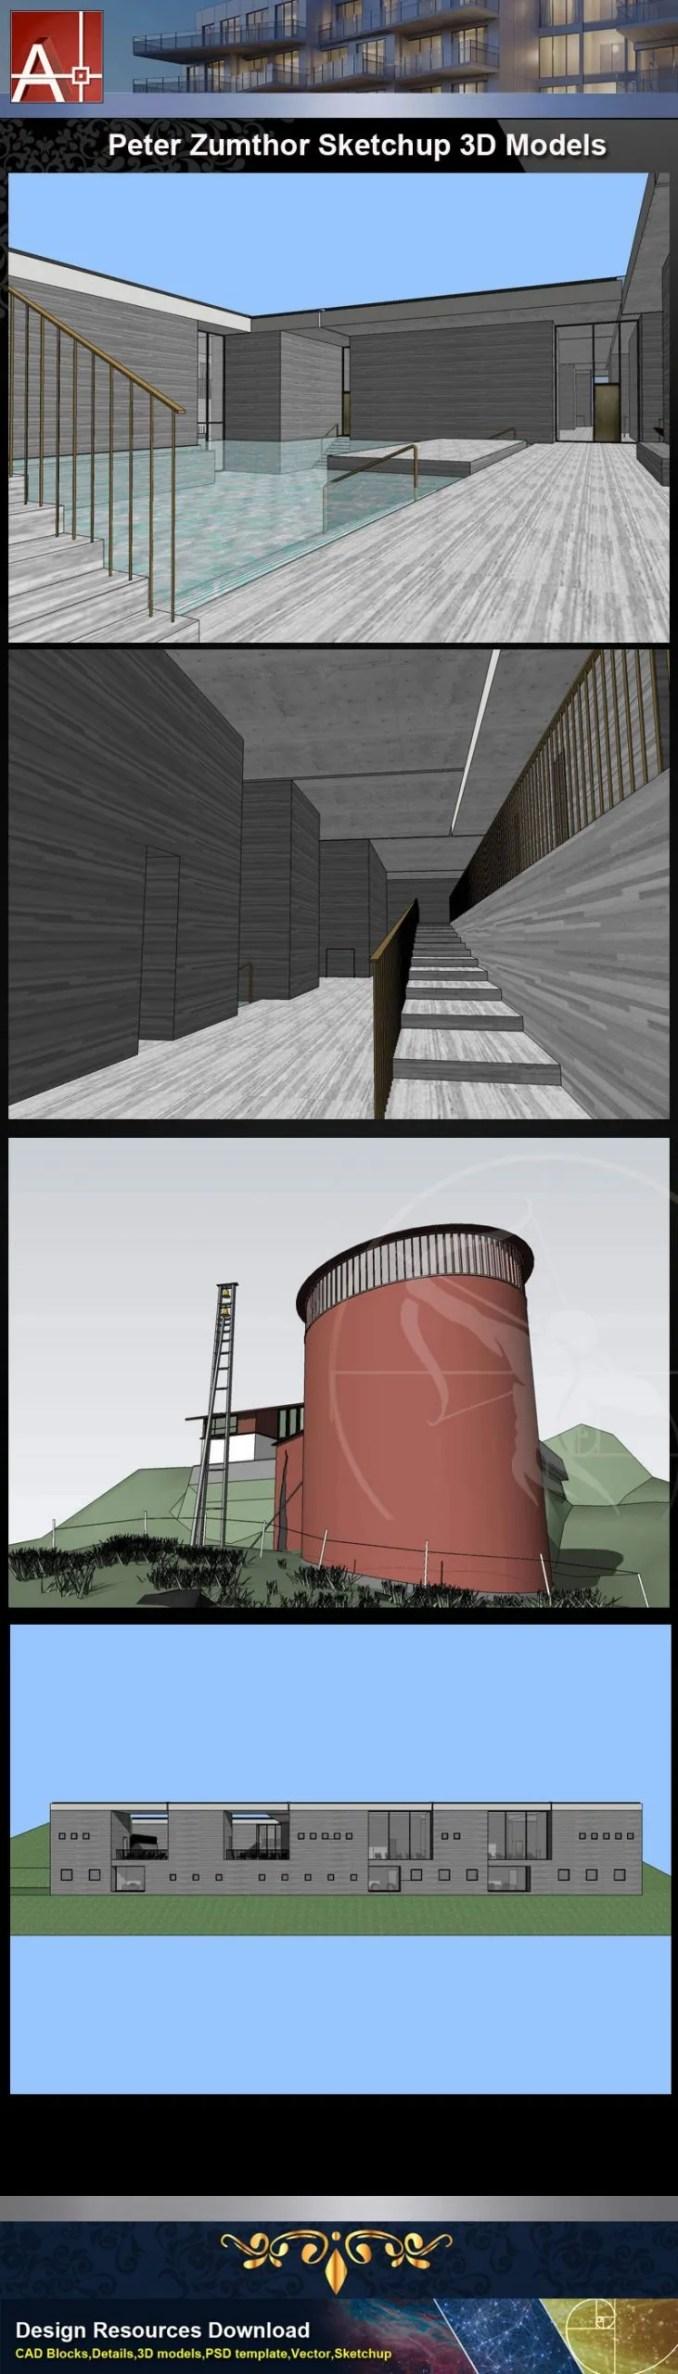 【建築大師Sketchup Models-Peter Zumthor 彼得·卒姆托精選4件建築3D模型】